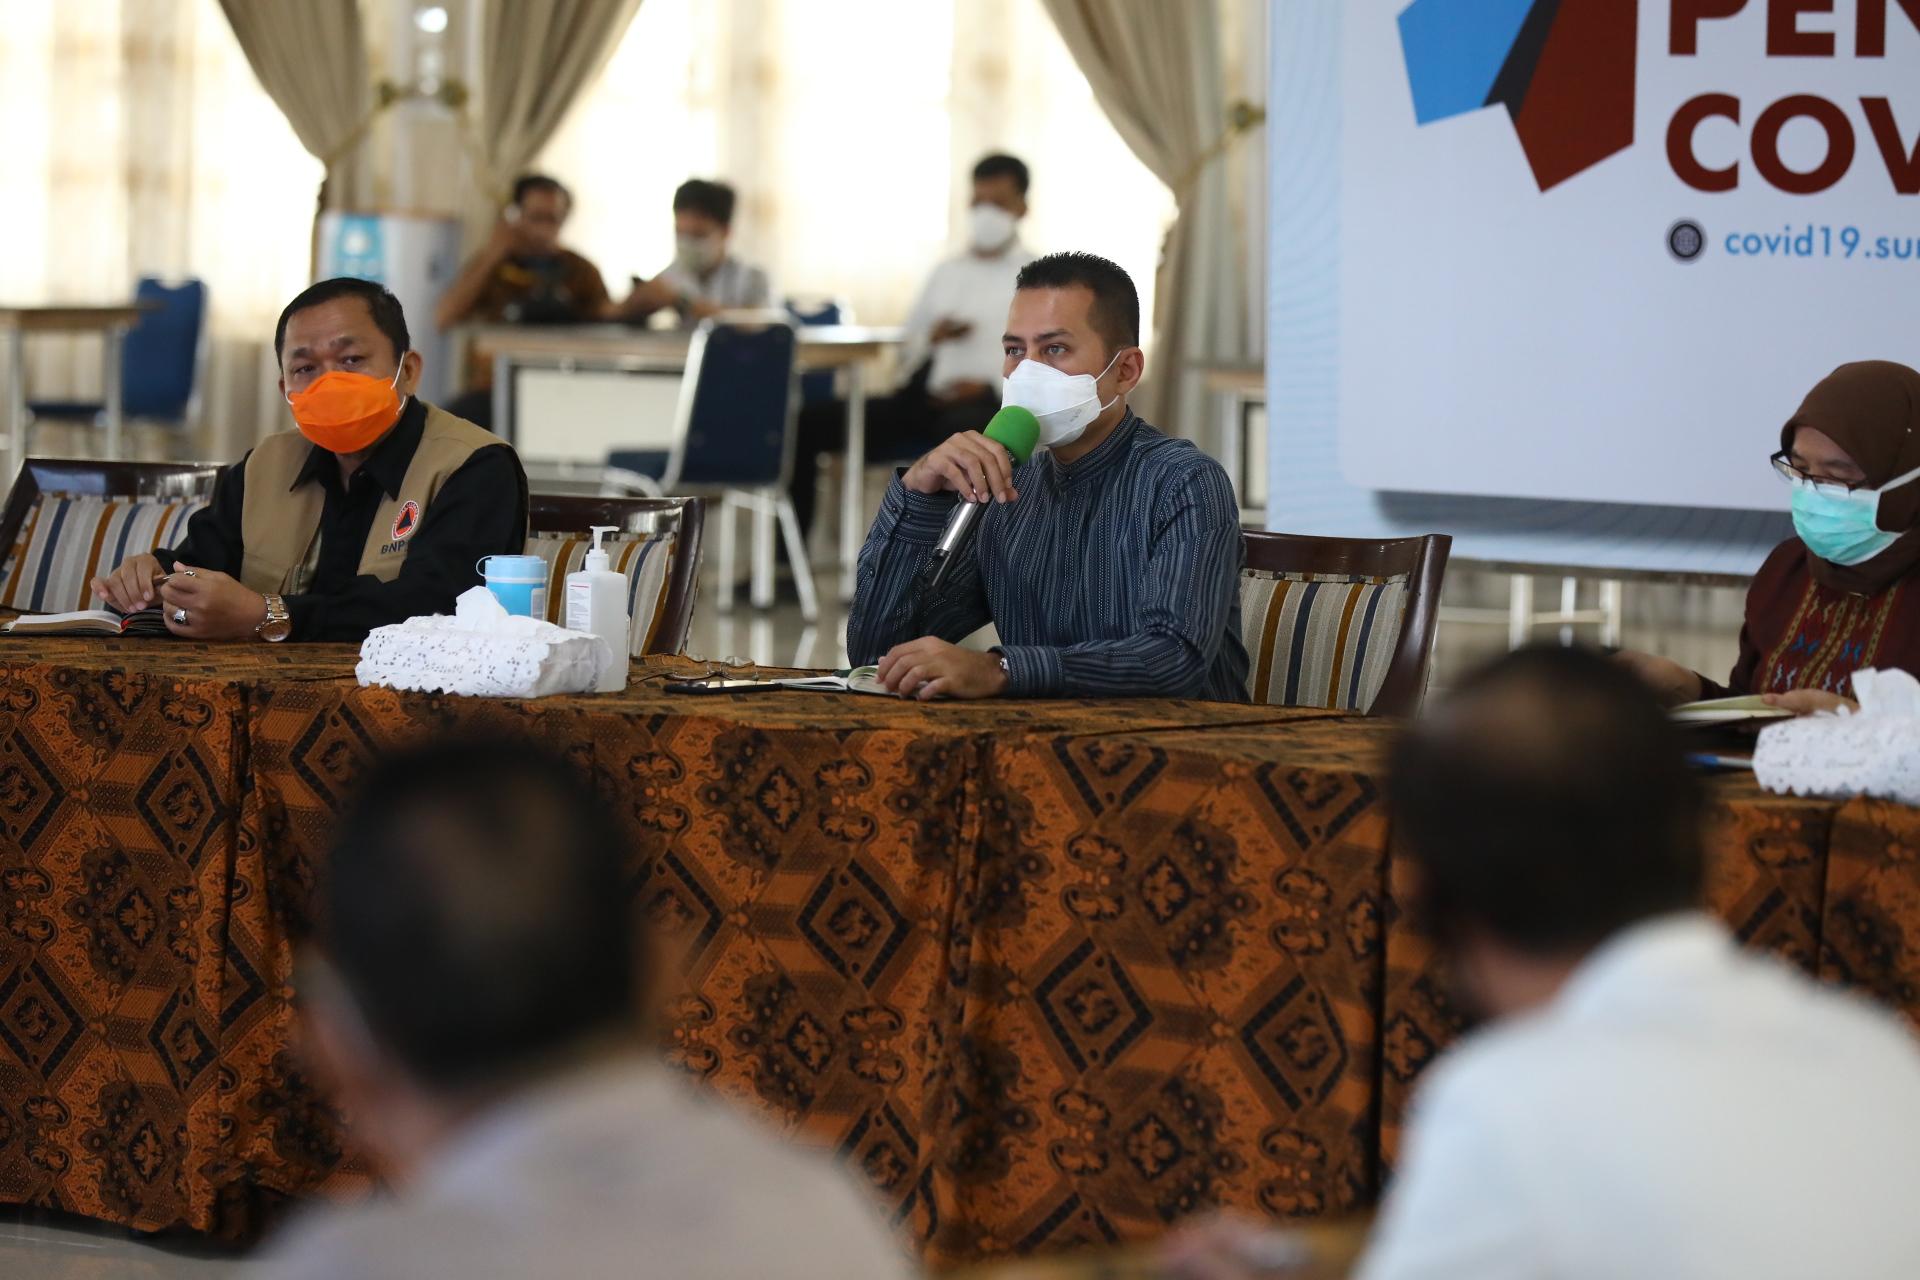 Wagub Sumut Musa Rajekshah memimpin rapat persiapan pelaksanaan Hari Raya Idul Fitri 1441 H. Foto: istimewa